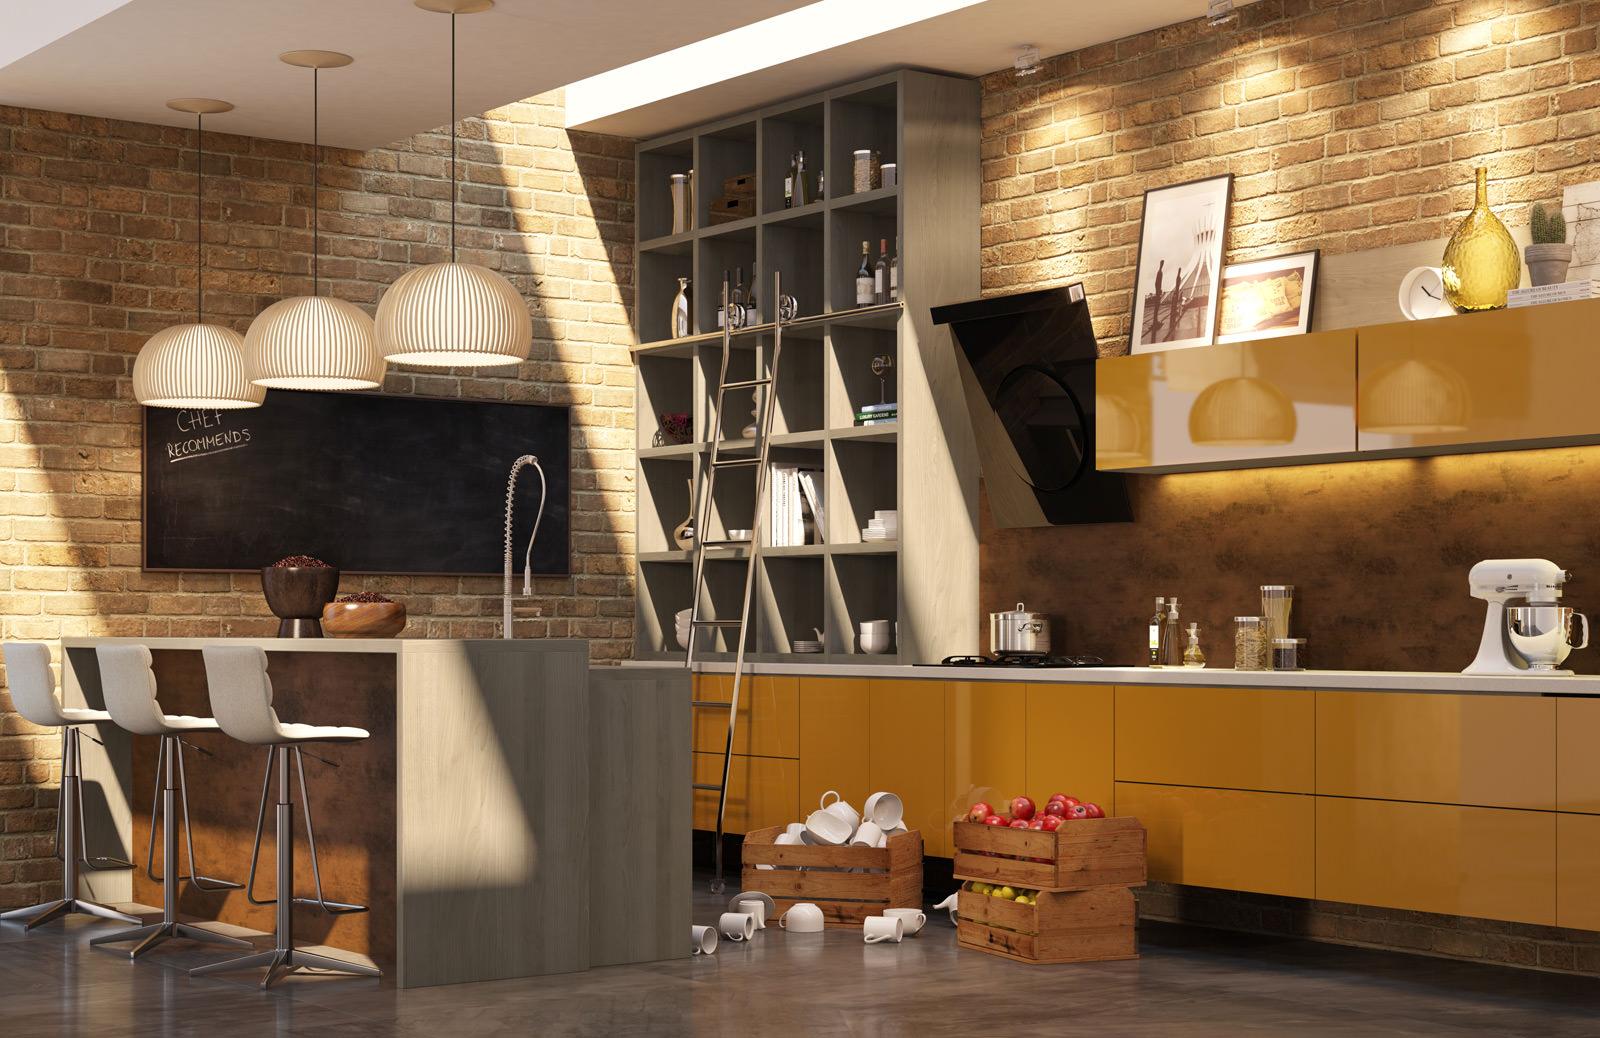 Cozinhas planejadas: Cozinhas planejadas Todeschini